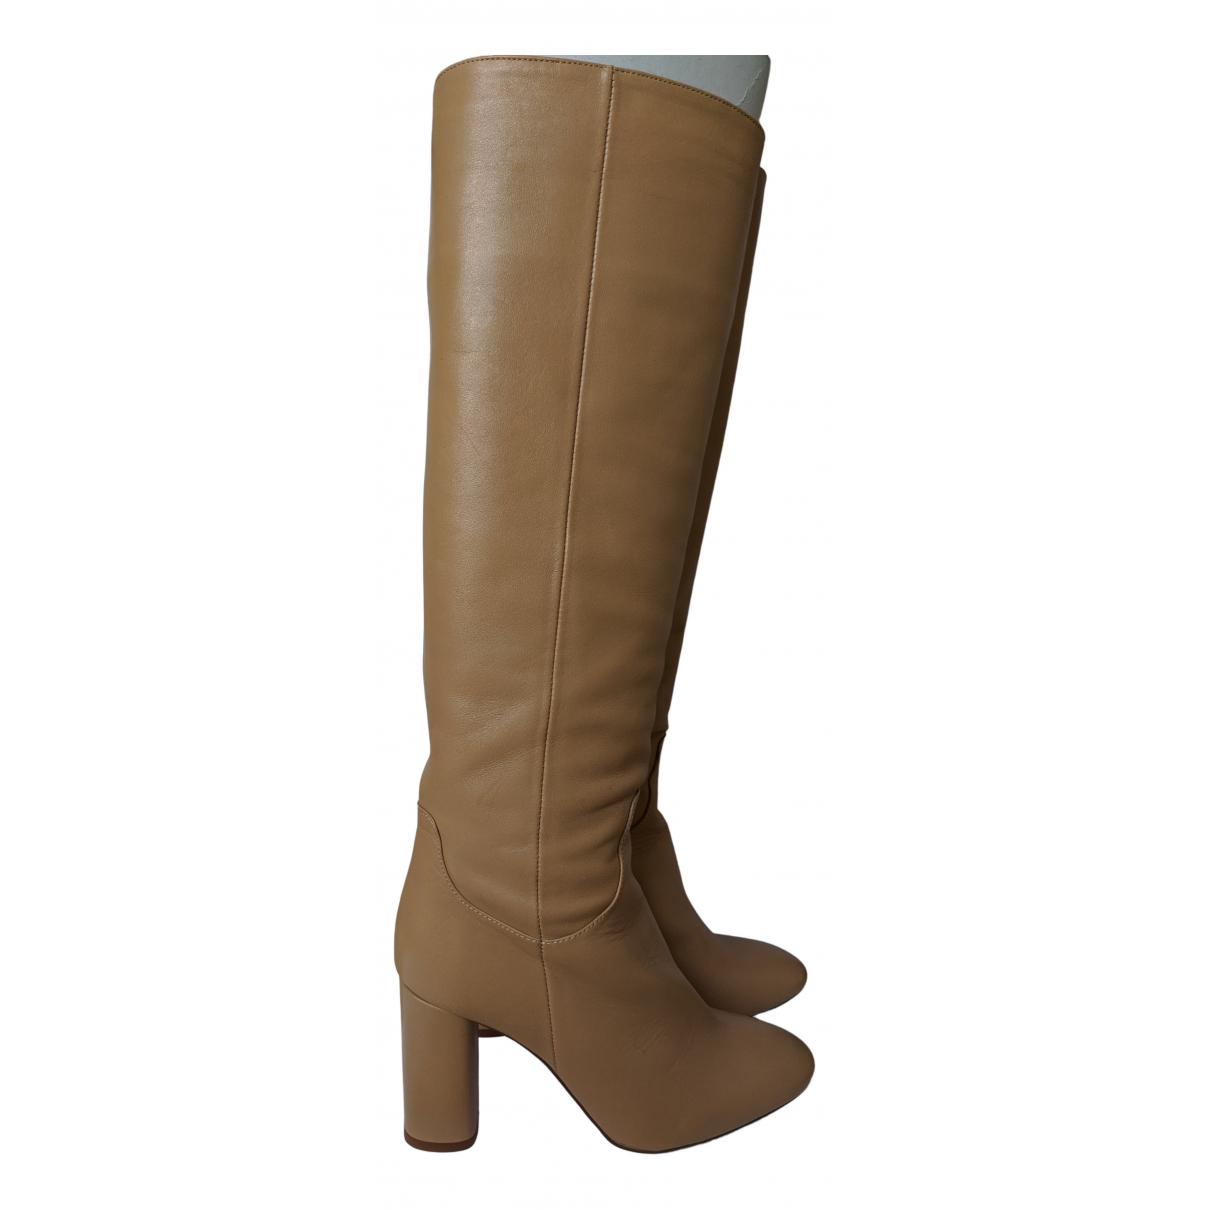 Zara - Bottes   pour femme en cuir - beige